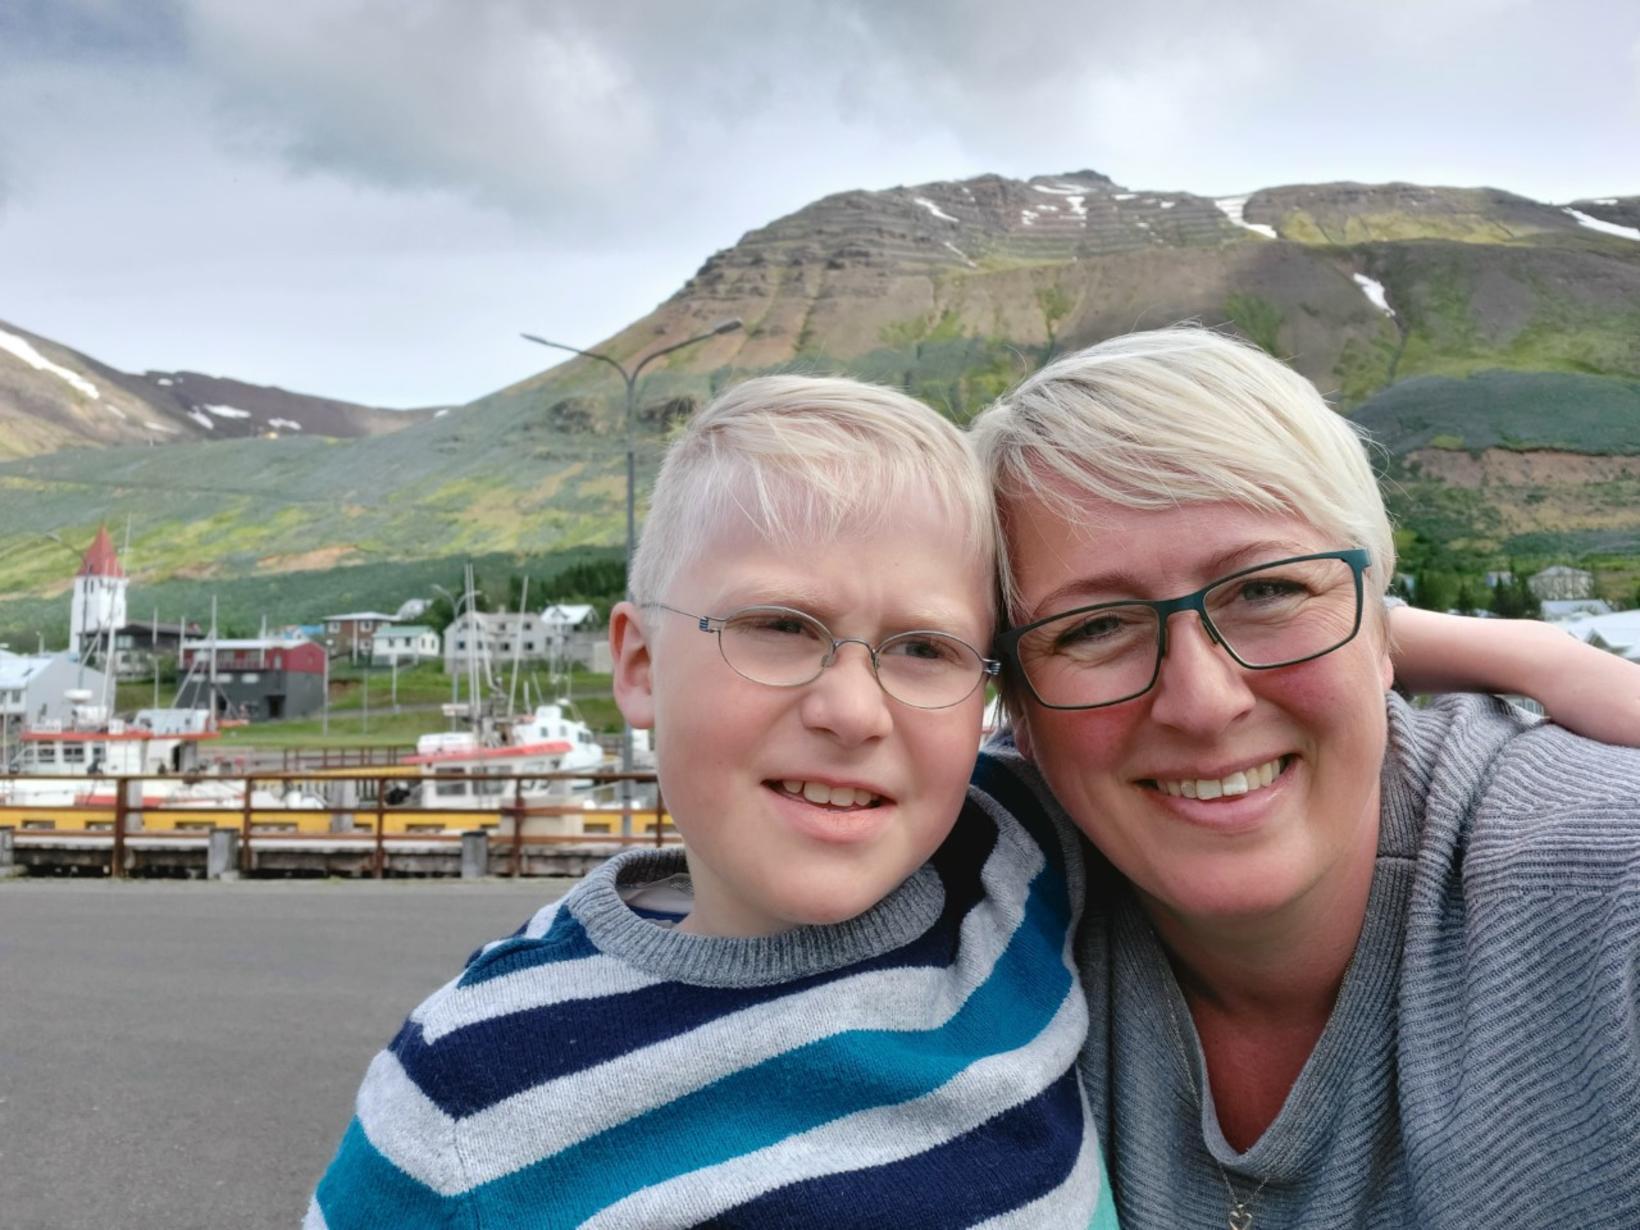 Ægir og Hulda elska að dansa og deila gleðinni með …